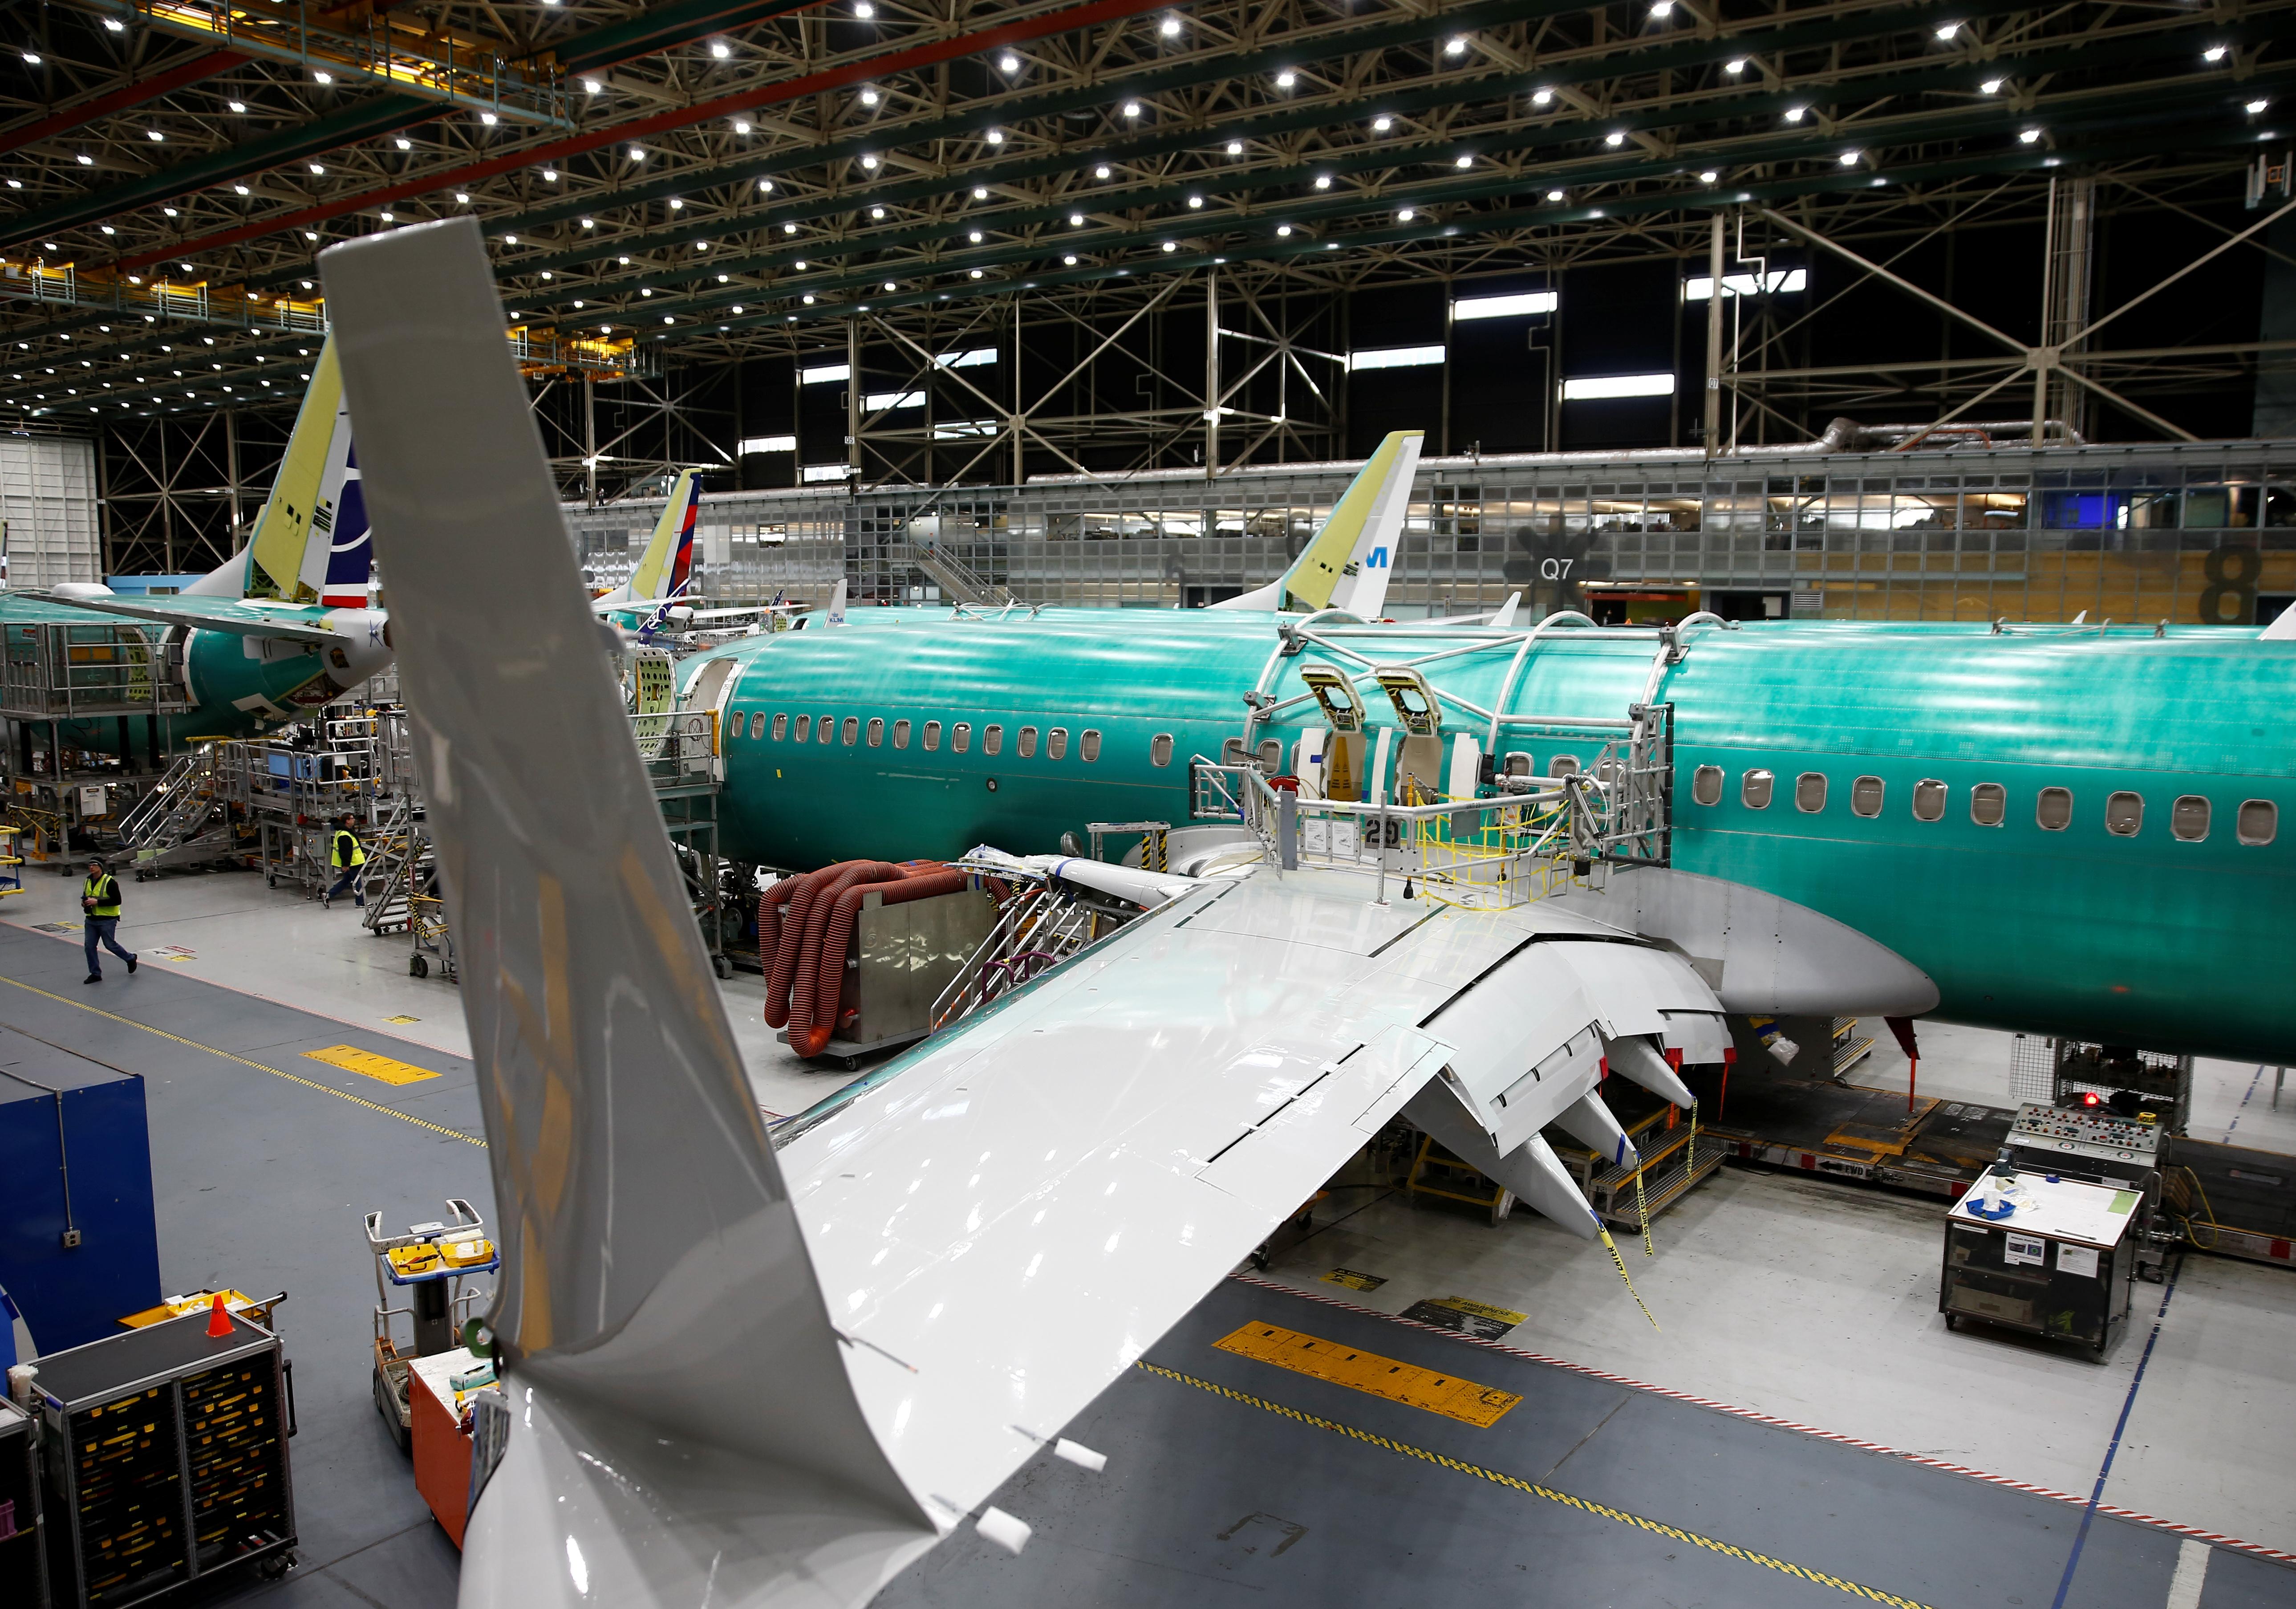 boeing-737-max-un-comite-d-experts-accable-le-regulateur-americain